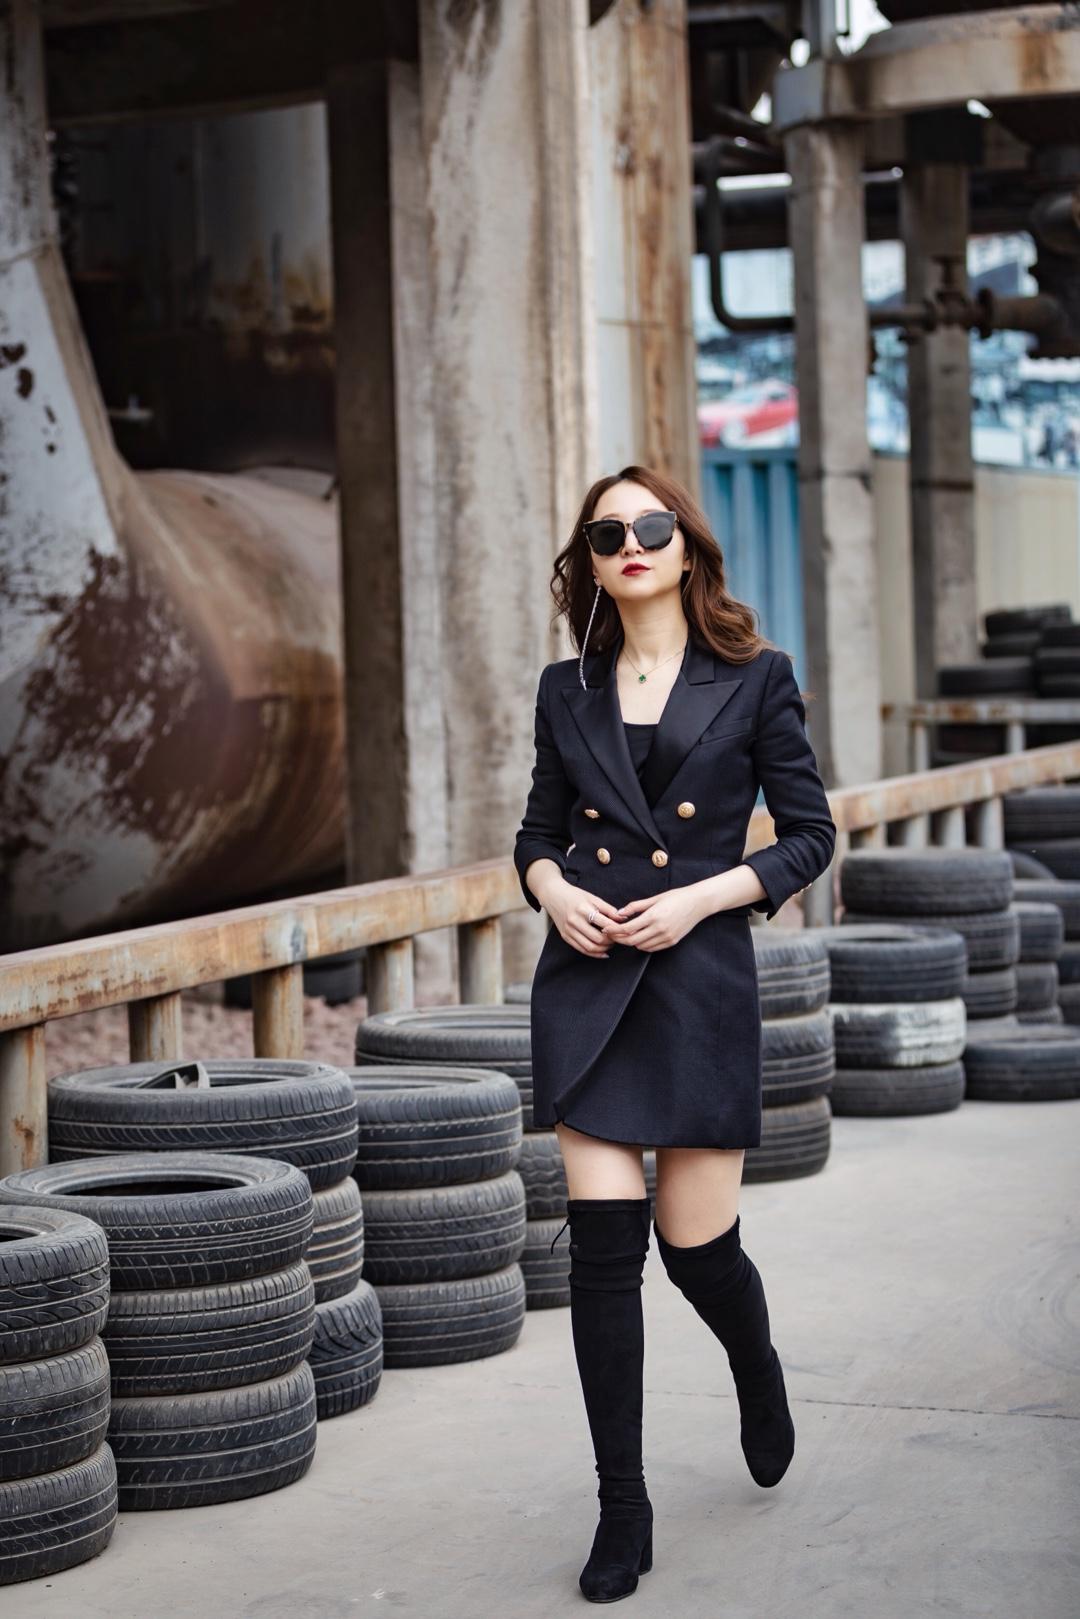 分享超爱的西服品牌 Balmain  这套平时上班也是超级喜欢的 算是西服裙  西服穿上就是气场+力量的感觉  配上靴子超级显高显瘦   #2019早秋流行第一弹#